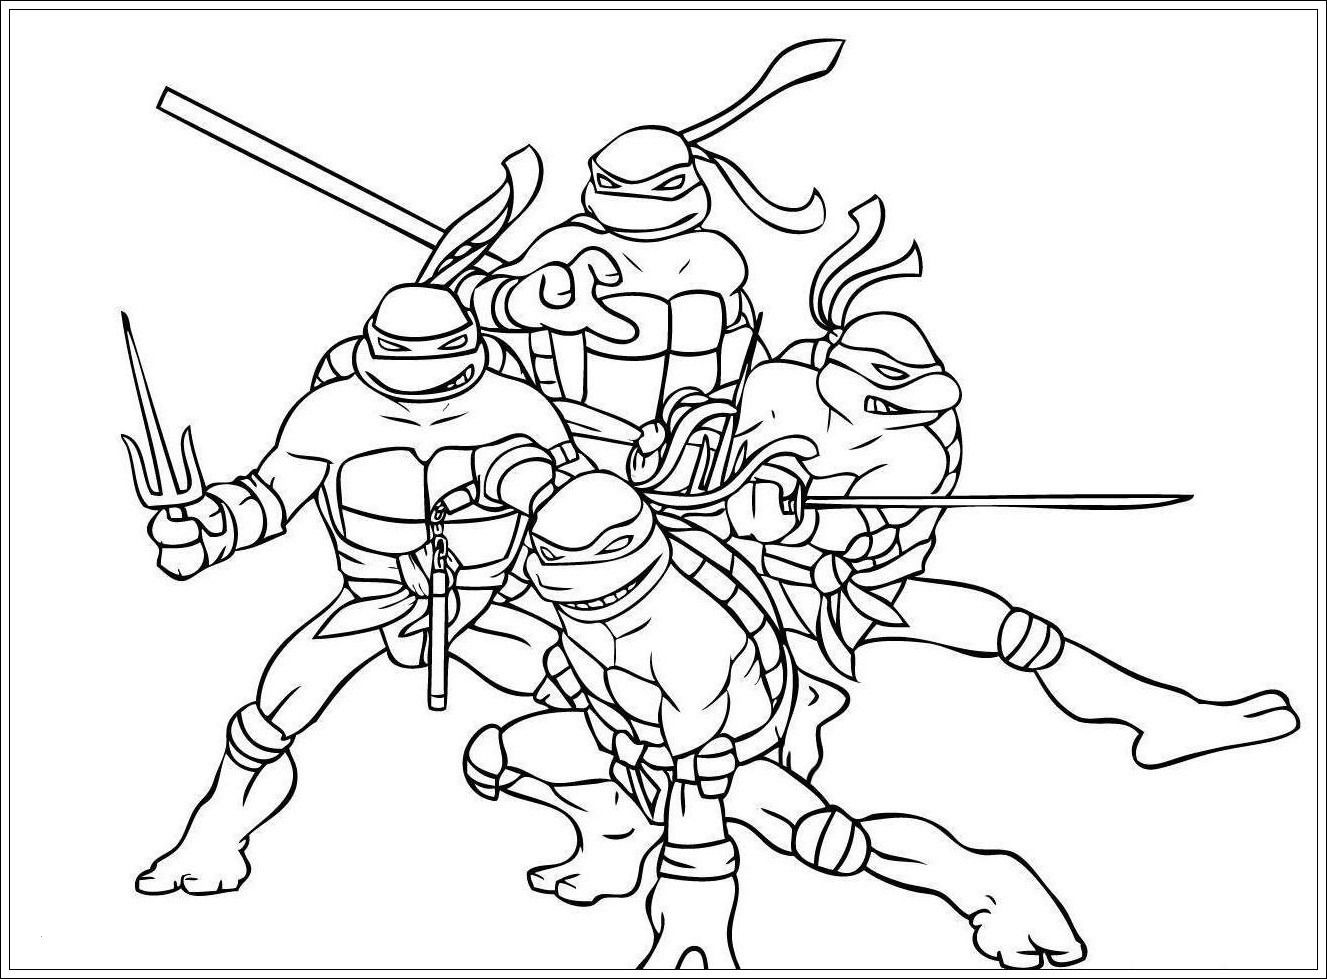 Ausmalbilder Ninja Turtles Fur Paint Superhelden Malvorlagen Ninja Turtle Zeichnung Ausmalbilder